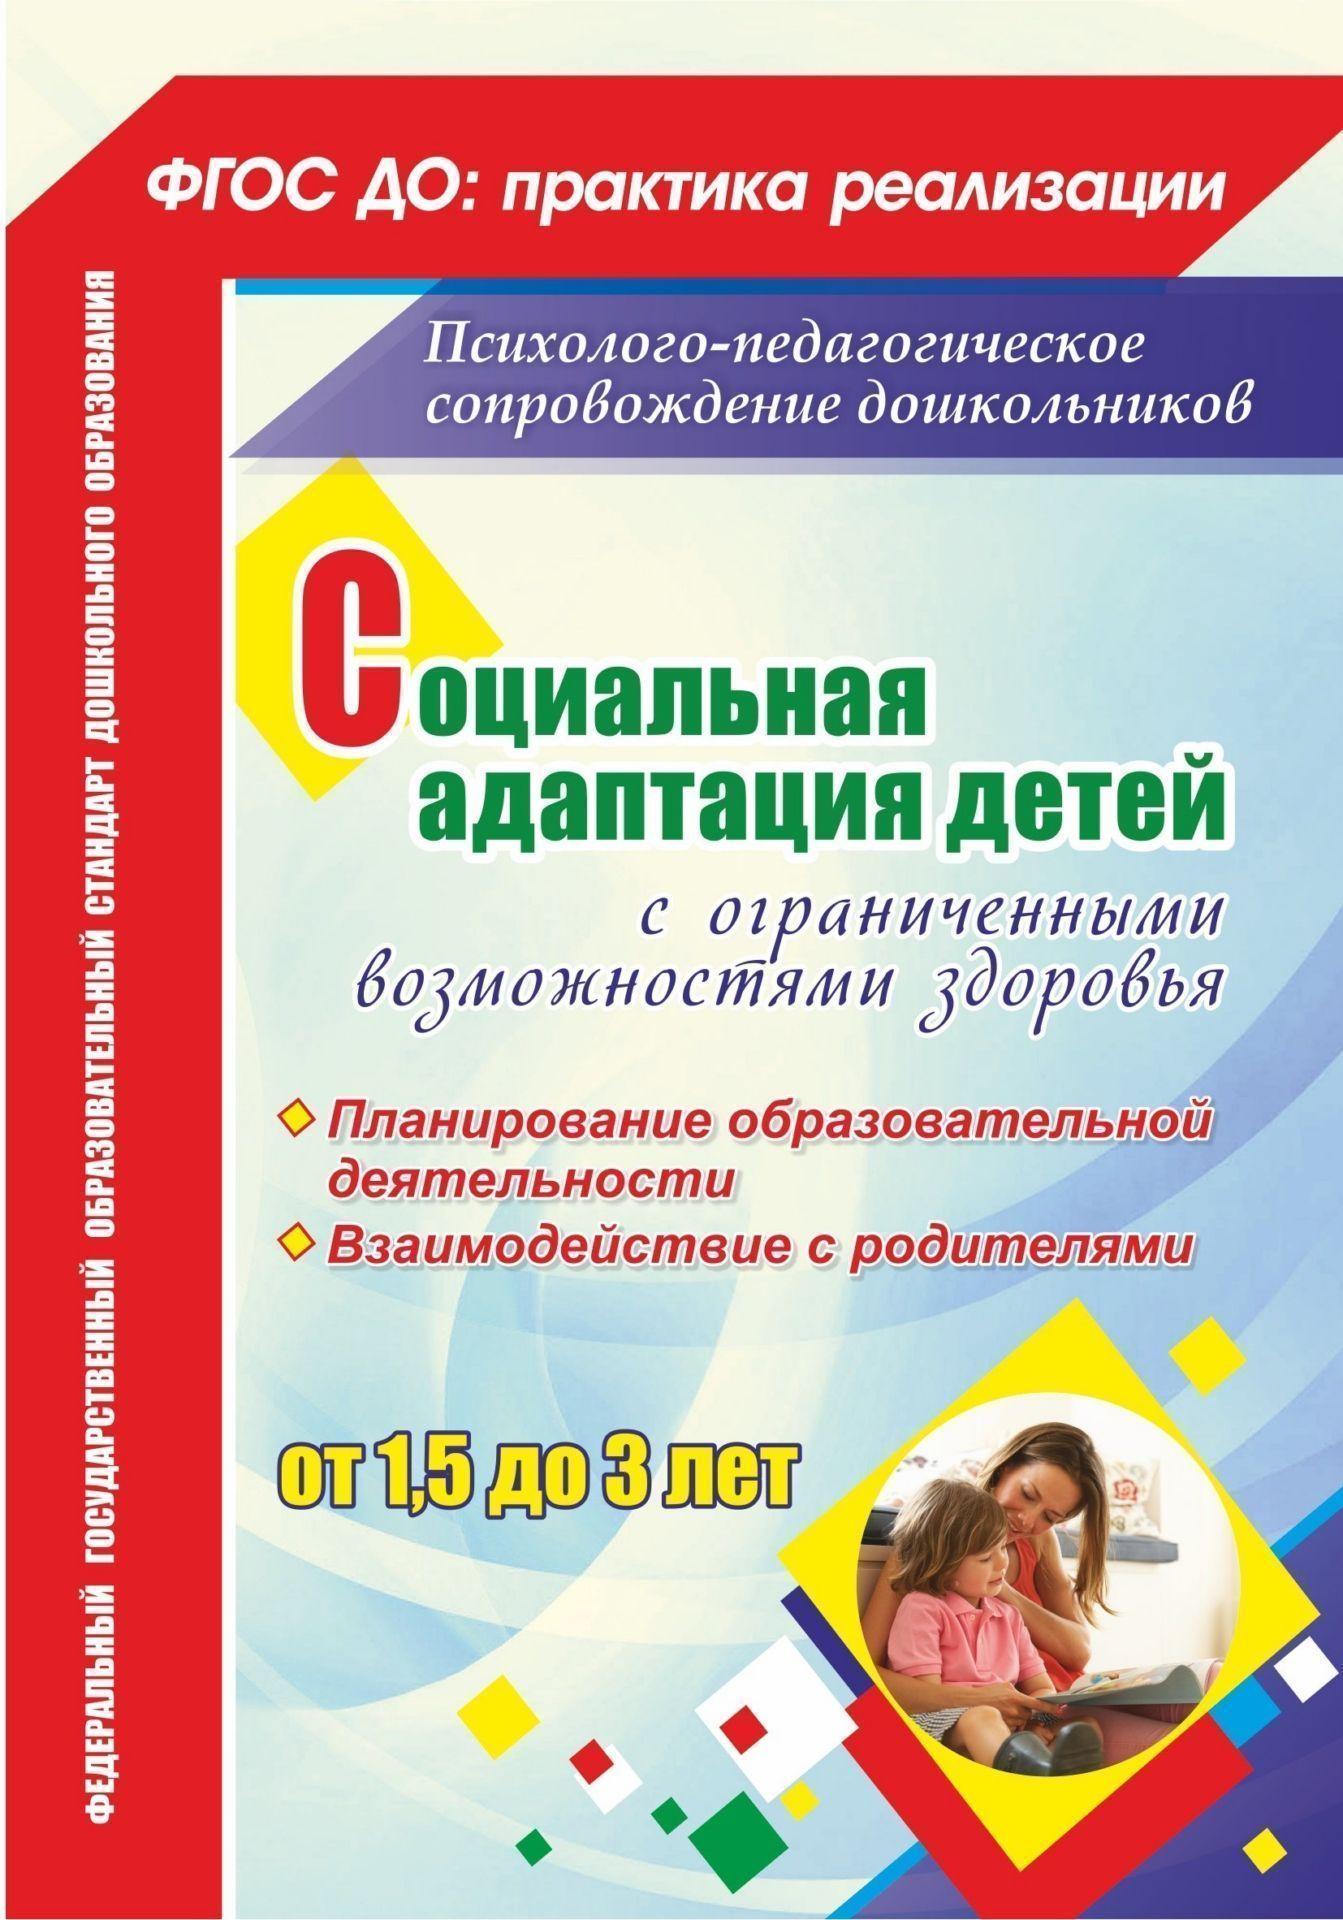 Купить со скидкой Социальная адаптация детей с ограниченными возможностями здоровья от 1,5 до 3 лет: планирование обра